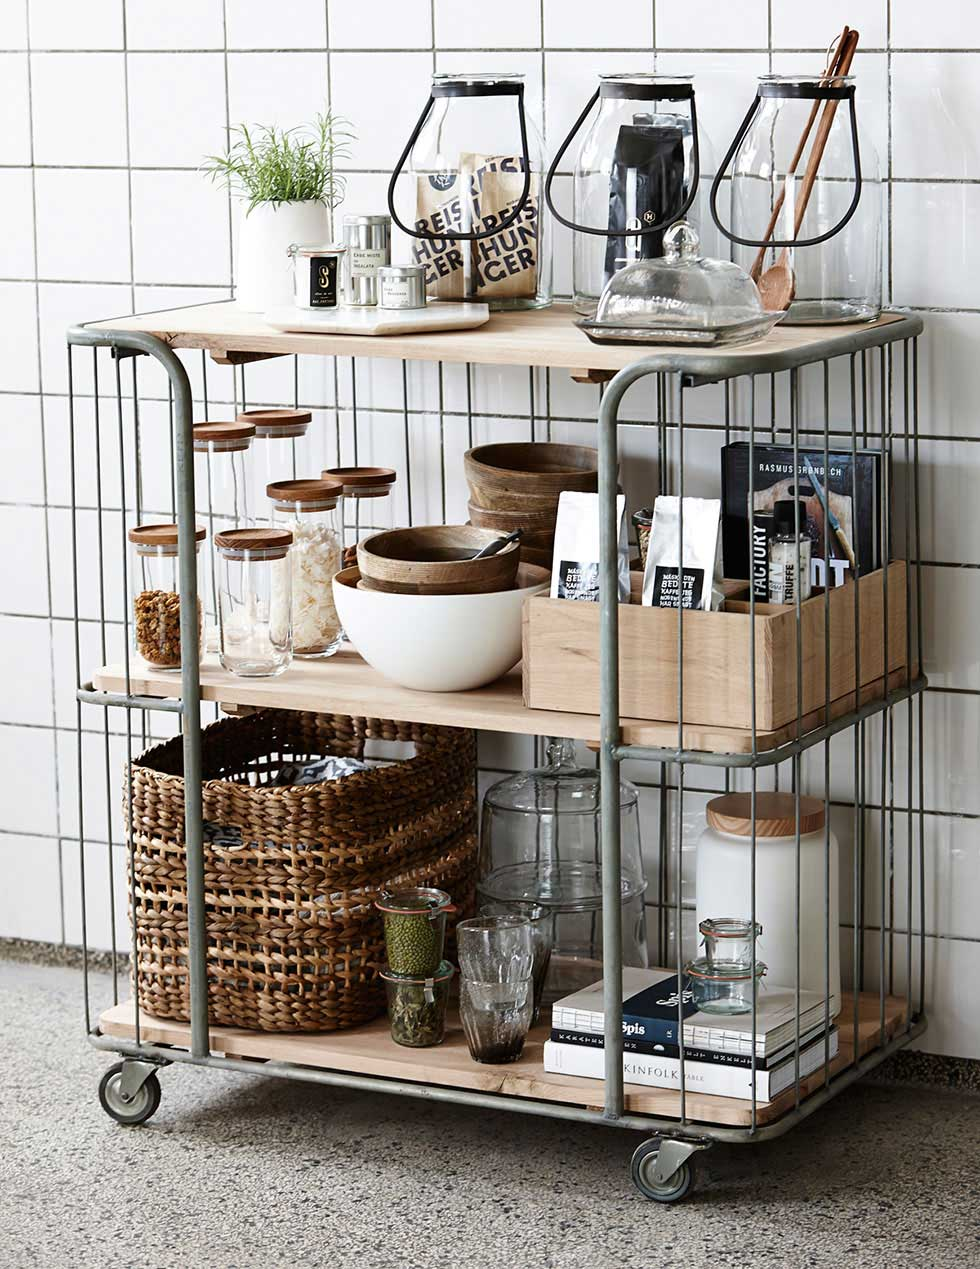 Mijn woonwens: een keukentrolley in de keuken